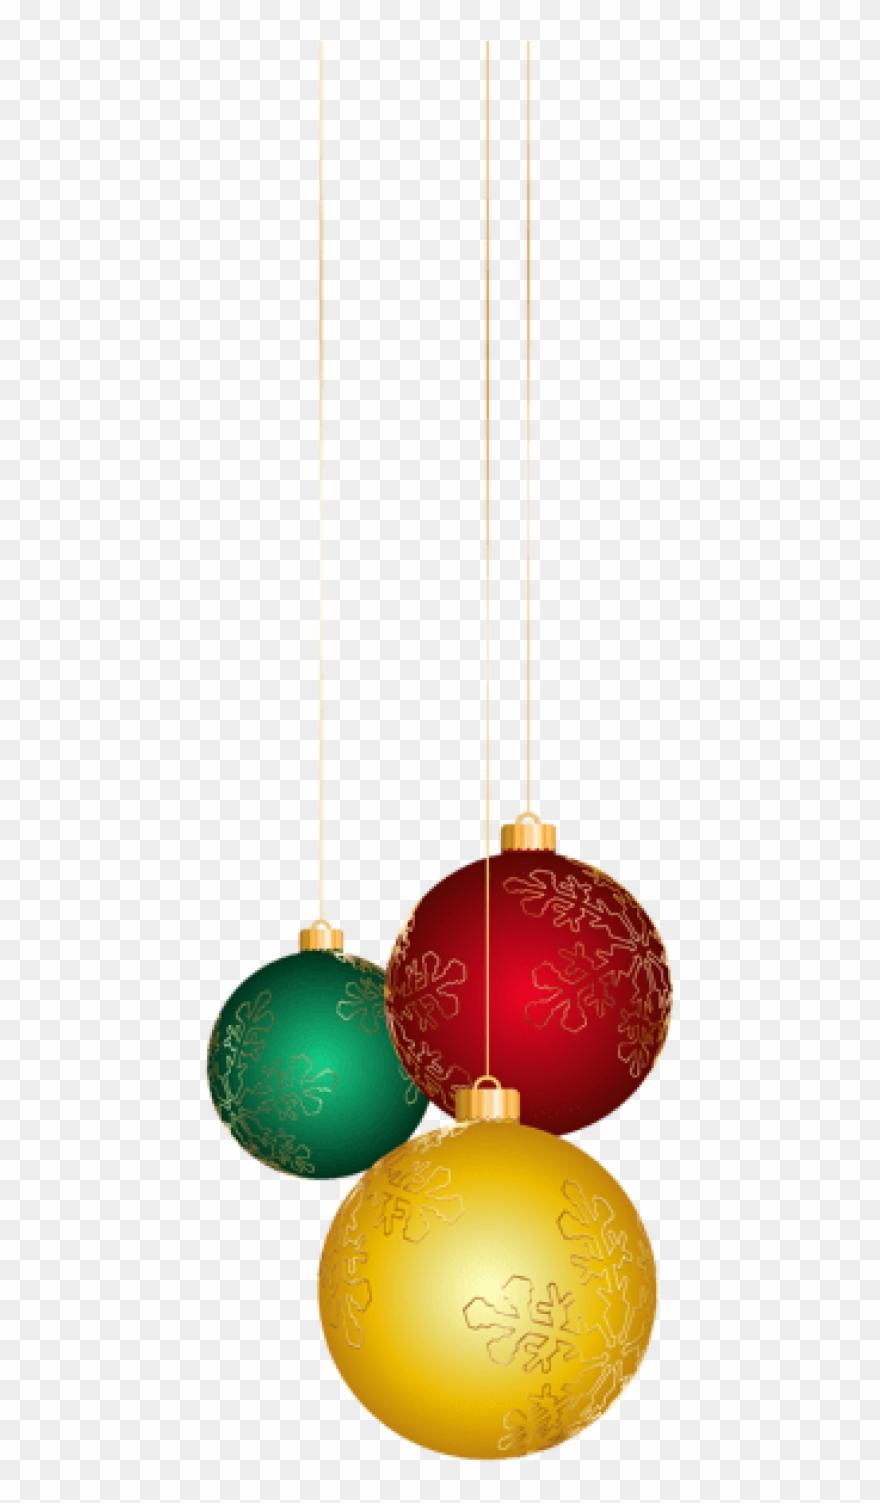 Christmas Balls Png.